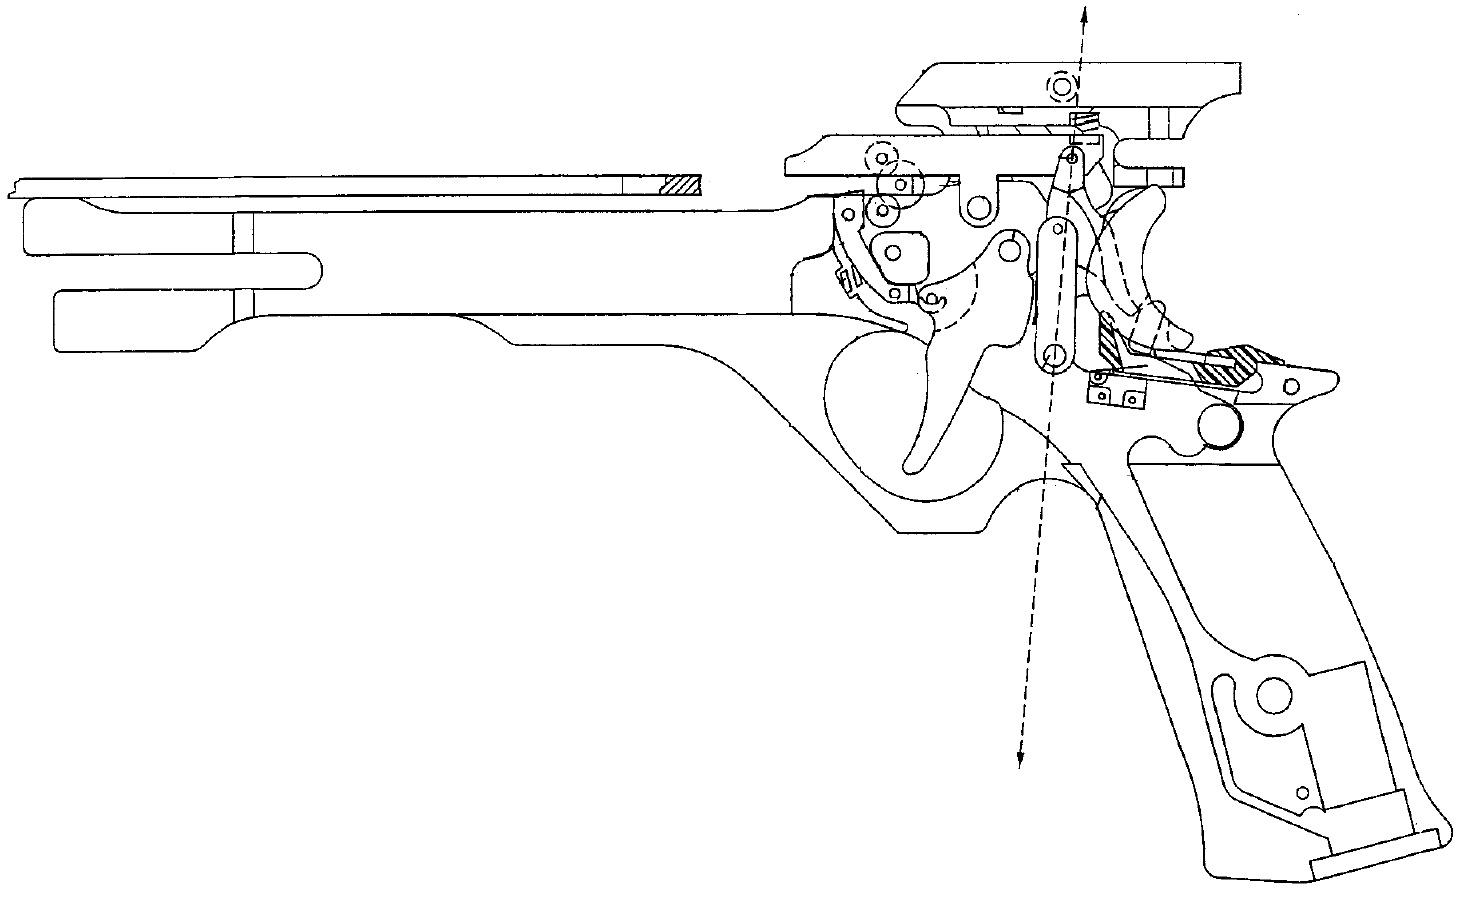 pistol trigger diagram